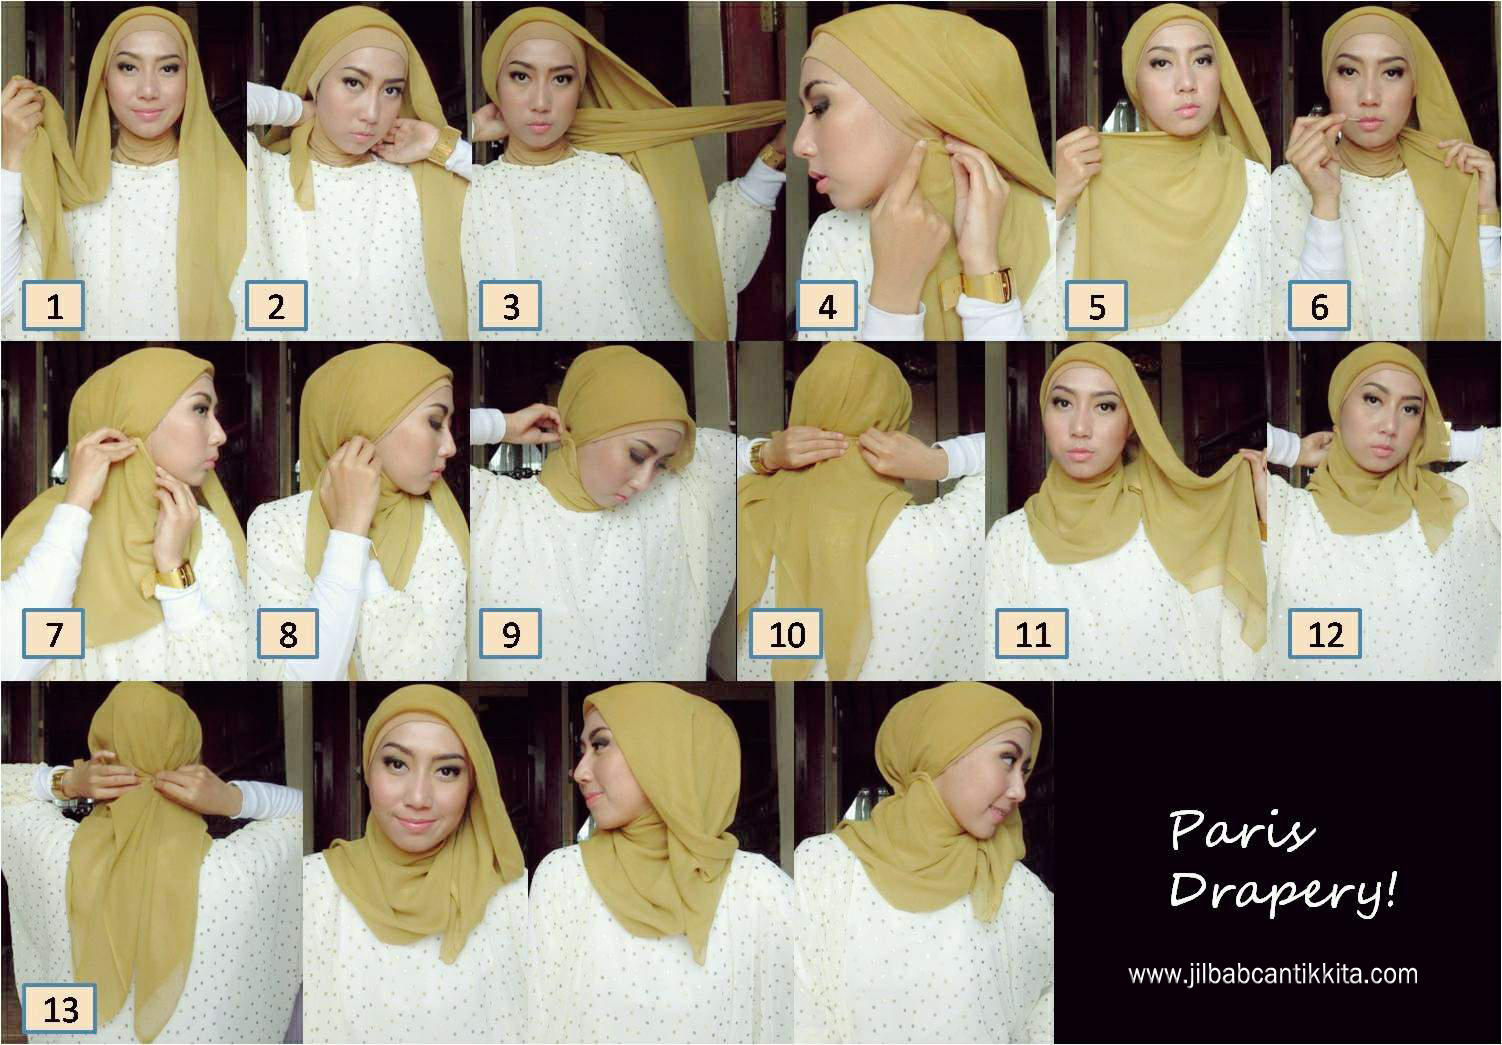 Jilbab Cantik Kita